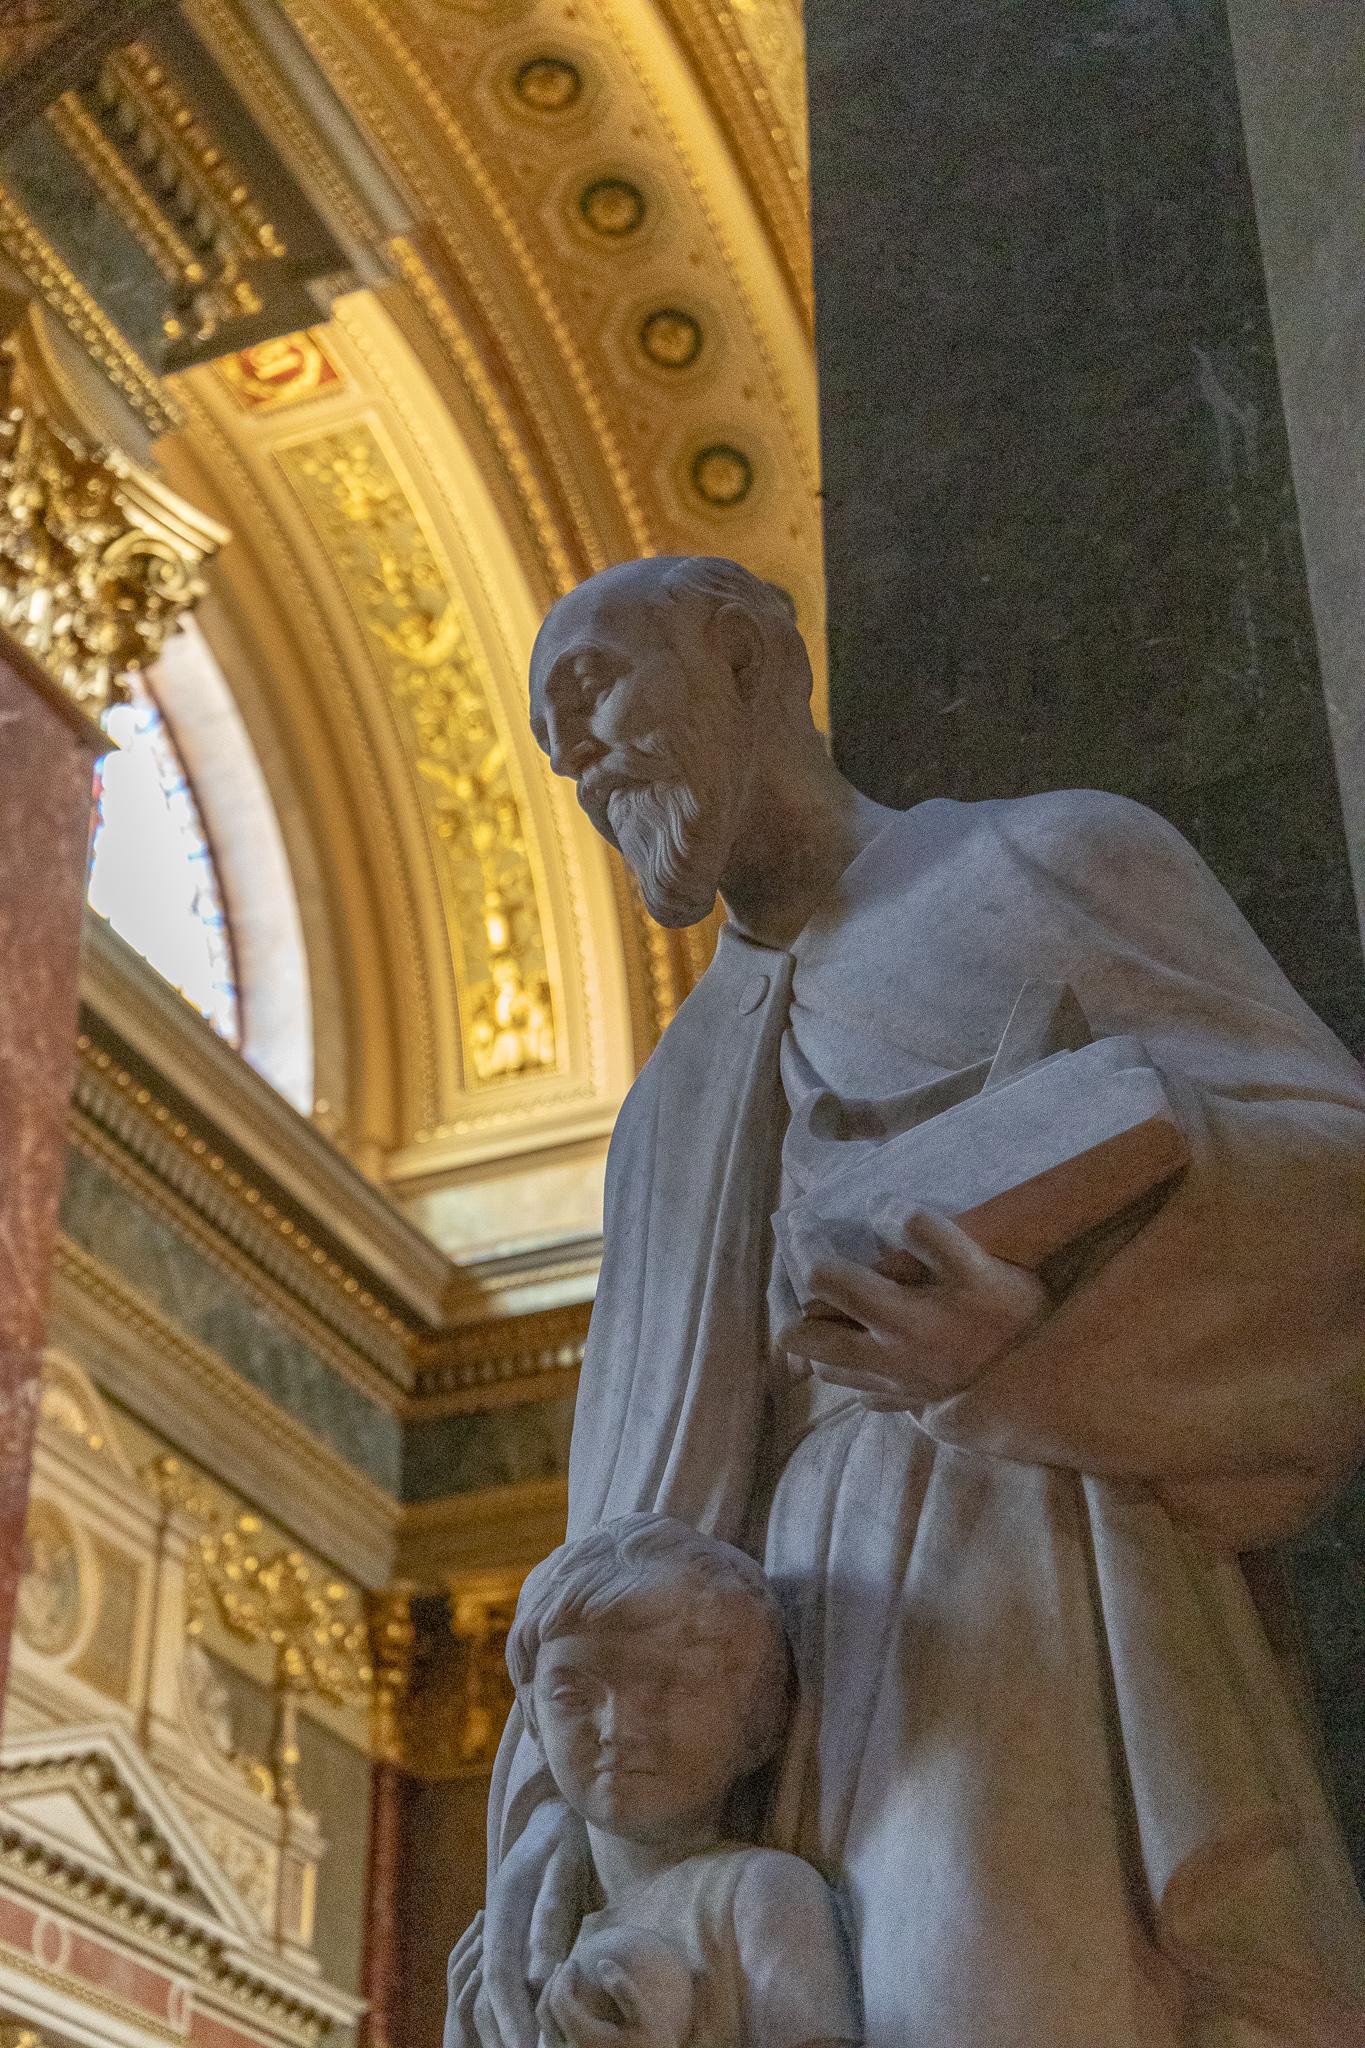 Interior statues